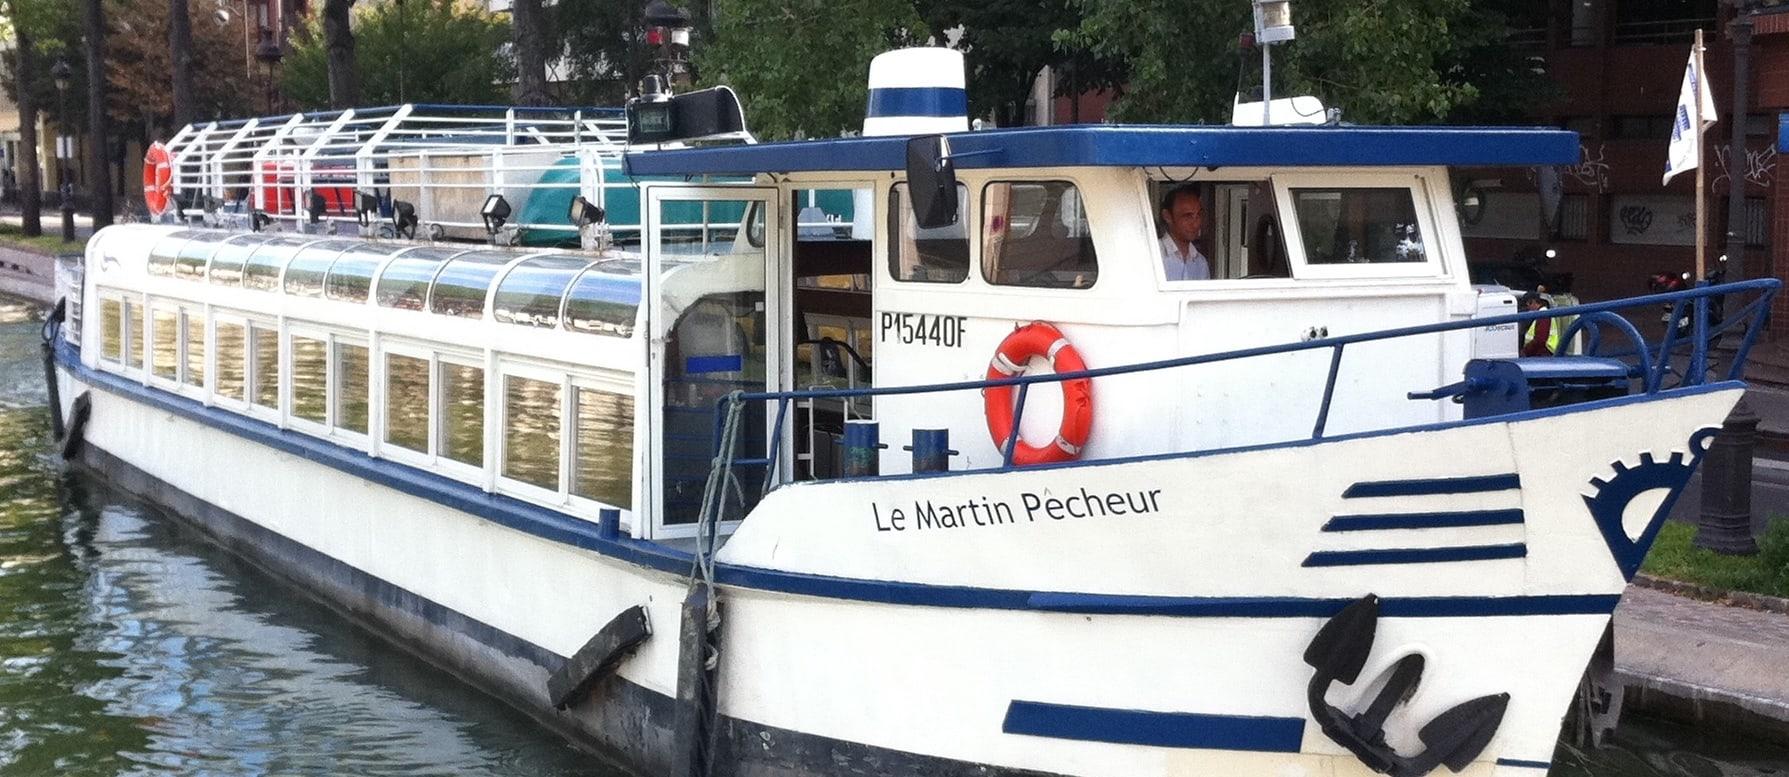 Le Martin Pêcheur vue de côté